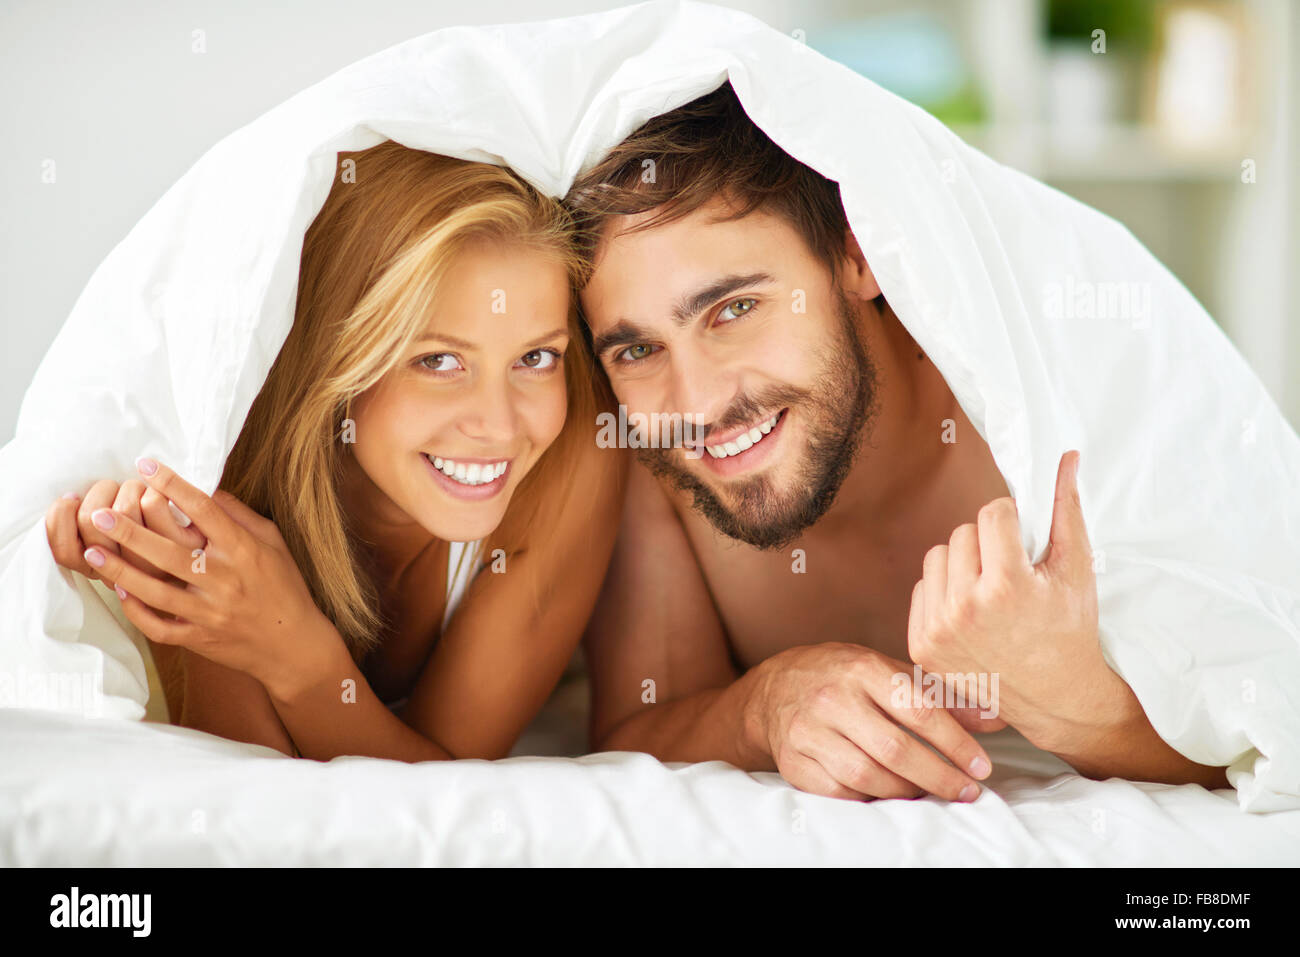 Gerne Termine unter Decke Blick in die Kamera mit einem Lächeln Stockbild